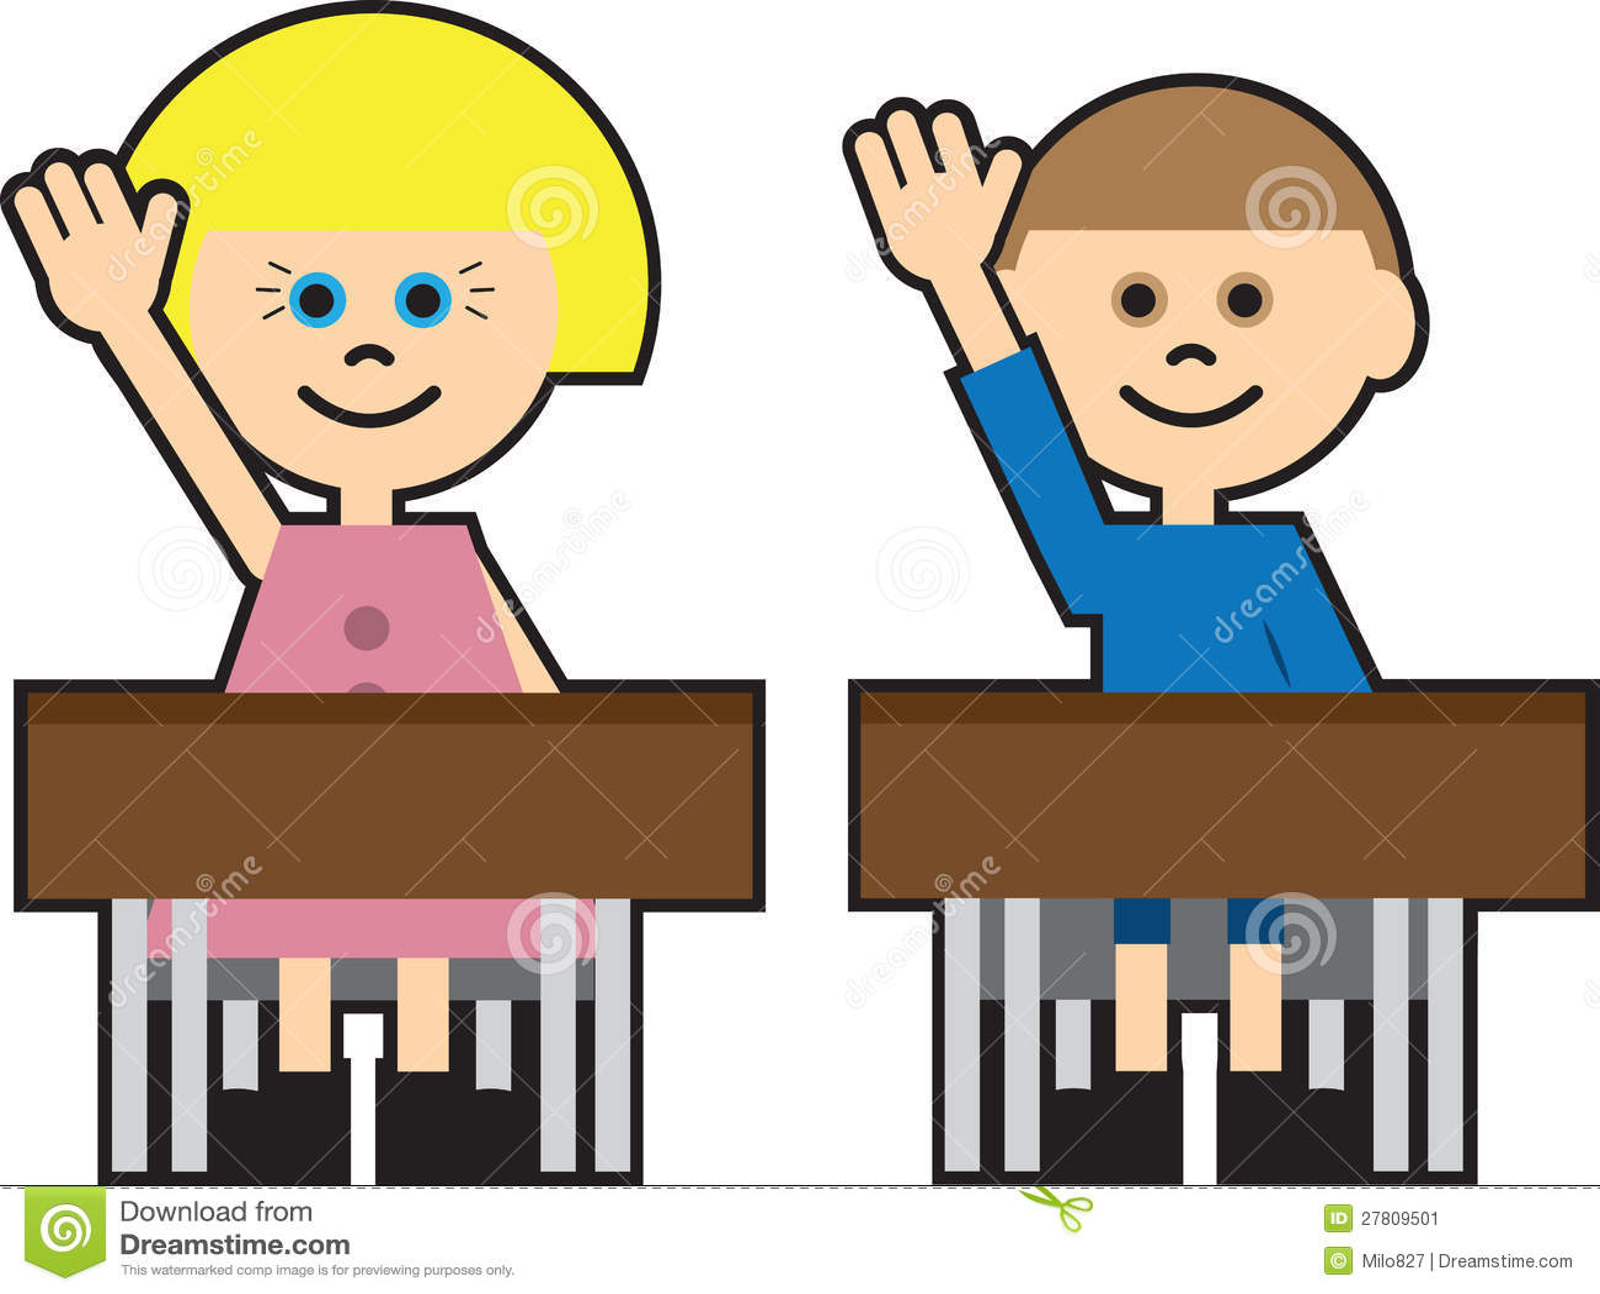 Kids Cartoon Raising Hands Stock Vector Illustration Of